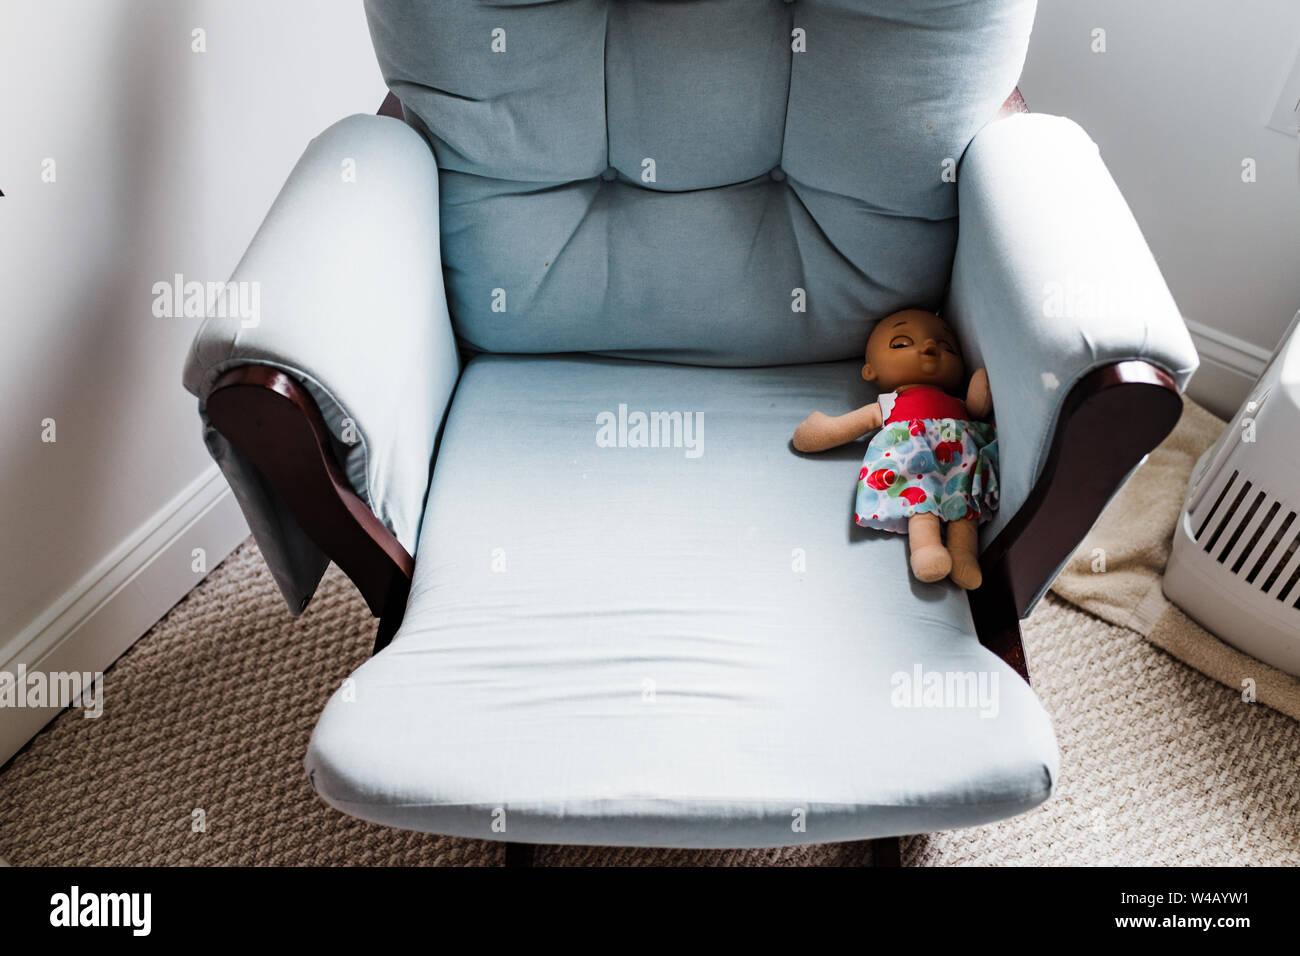 Muñeca izquierda detrás en silla Foto de stock